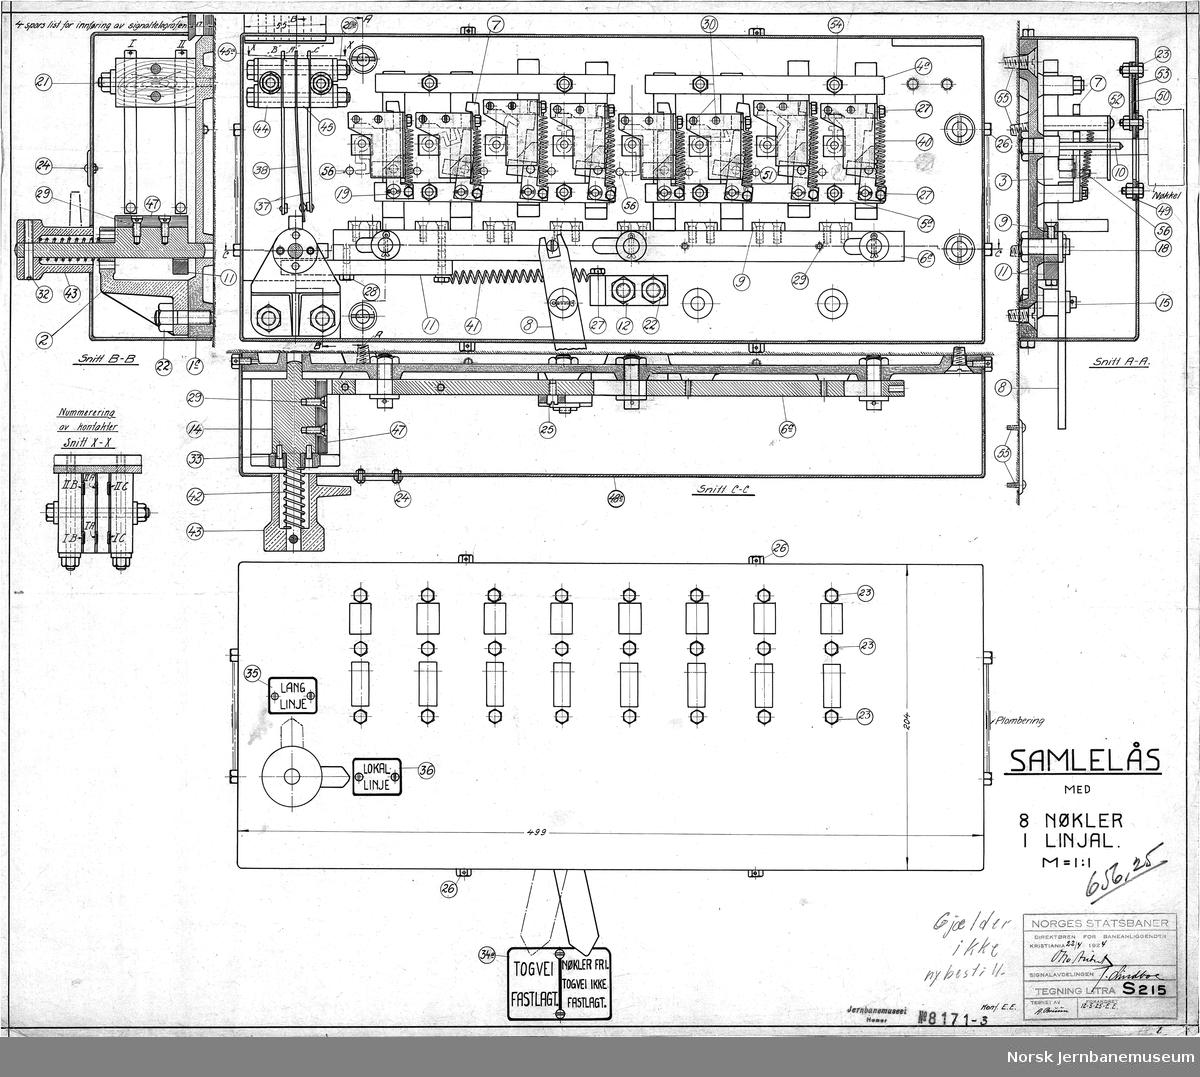 NSB Direktøren for baneanliggender, Signalavd. Samlelås med 8 nøkler og 1 linjal